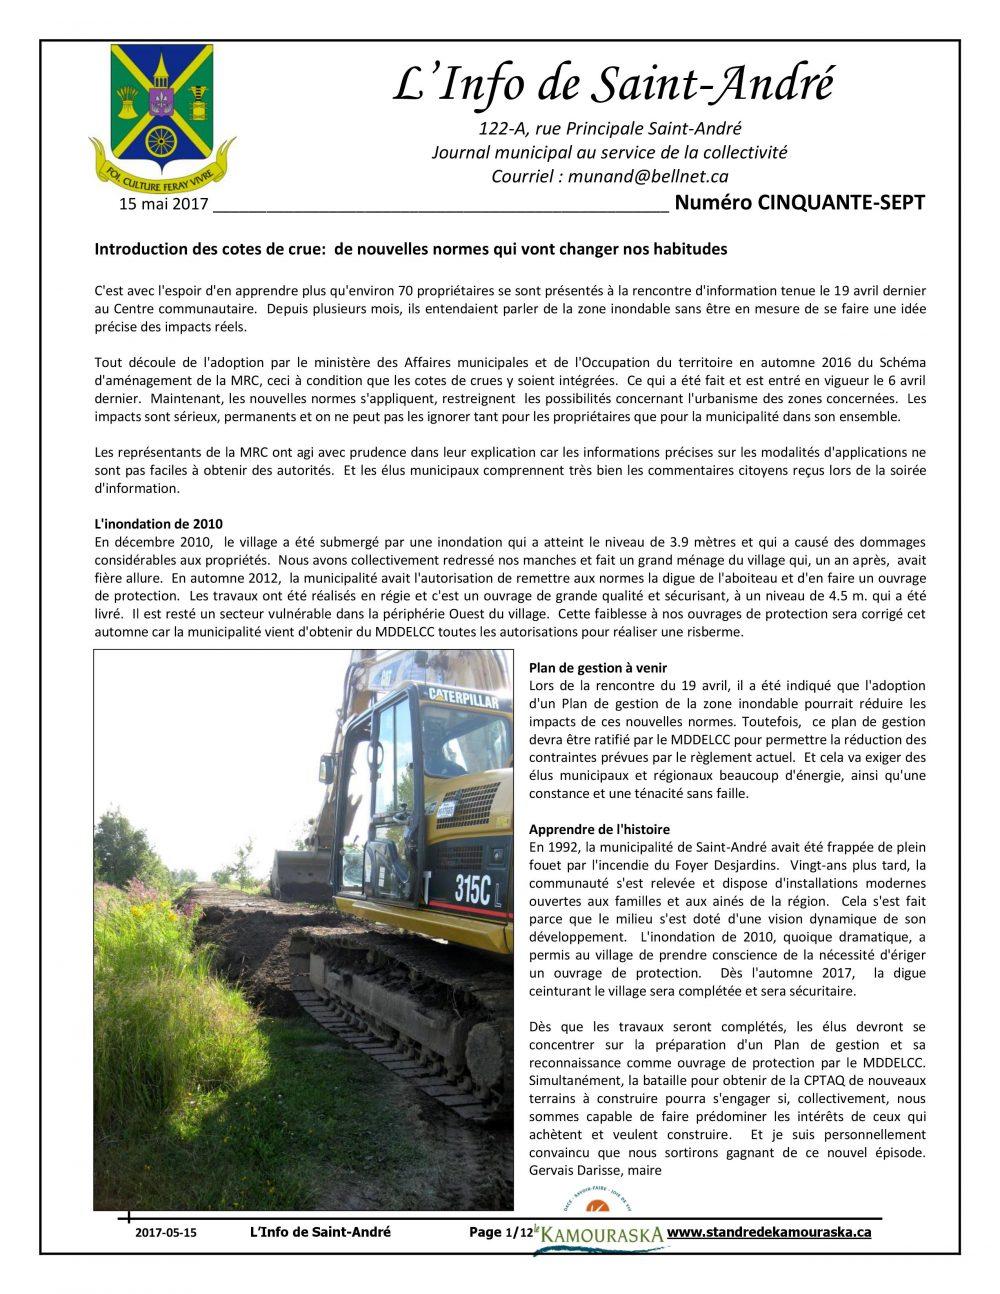 L'info de St-André mai 2017